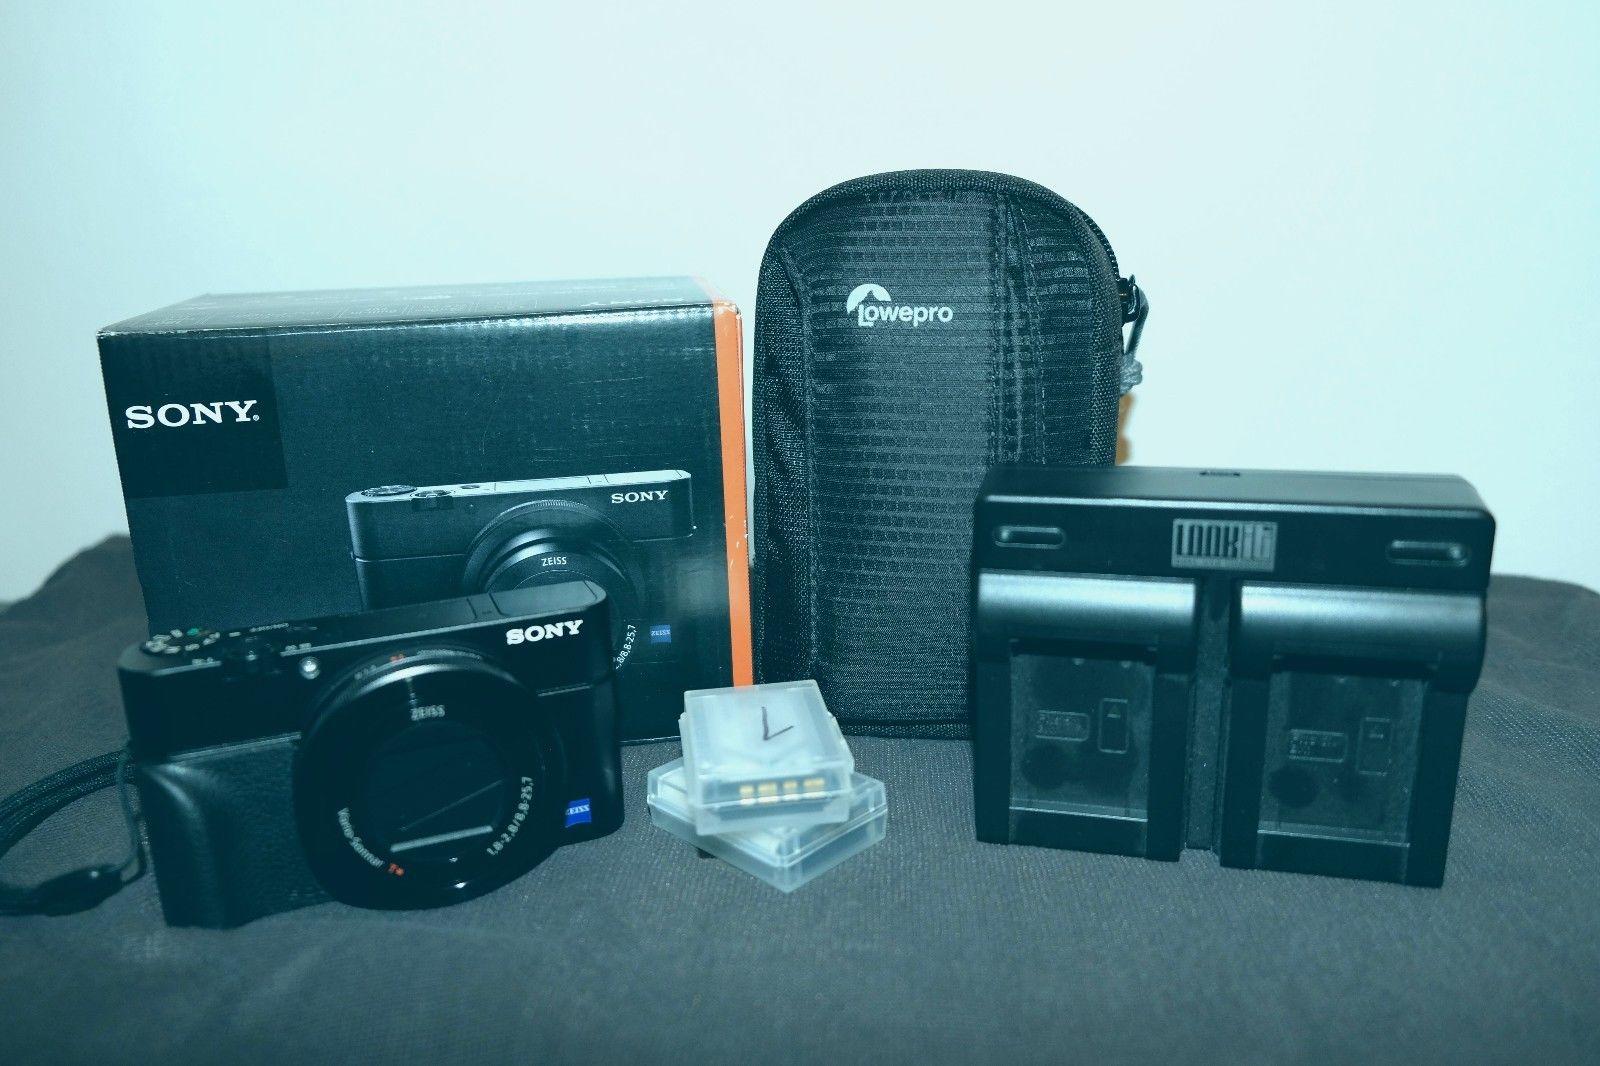 Sony Cyber-shot DSC-RX100M3 / III 20 MP Digitalkamera + Zubehörpaket & Garantie